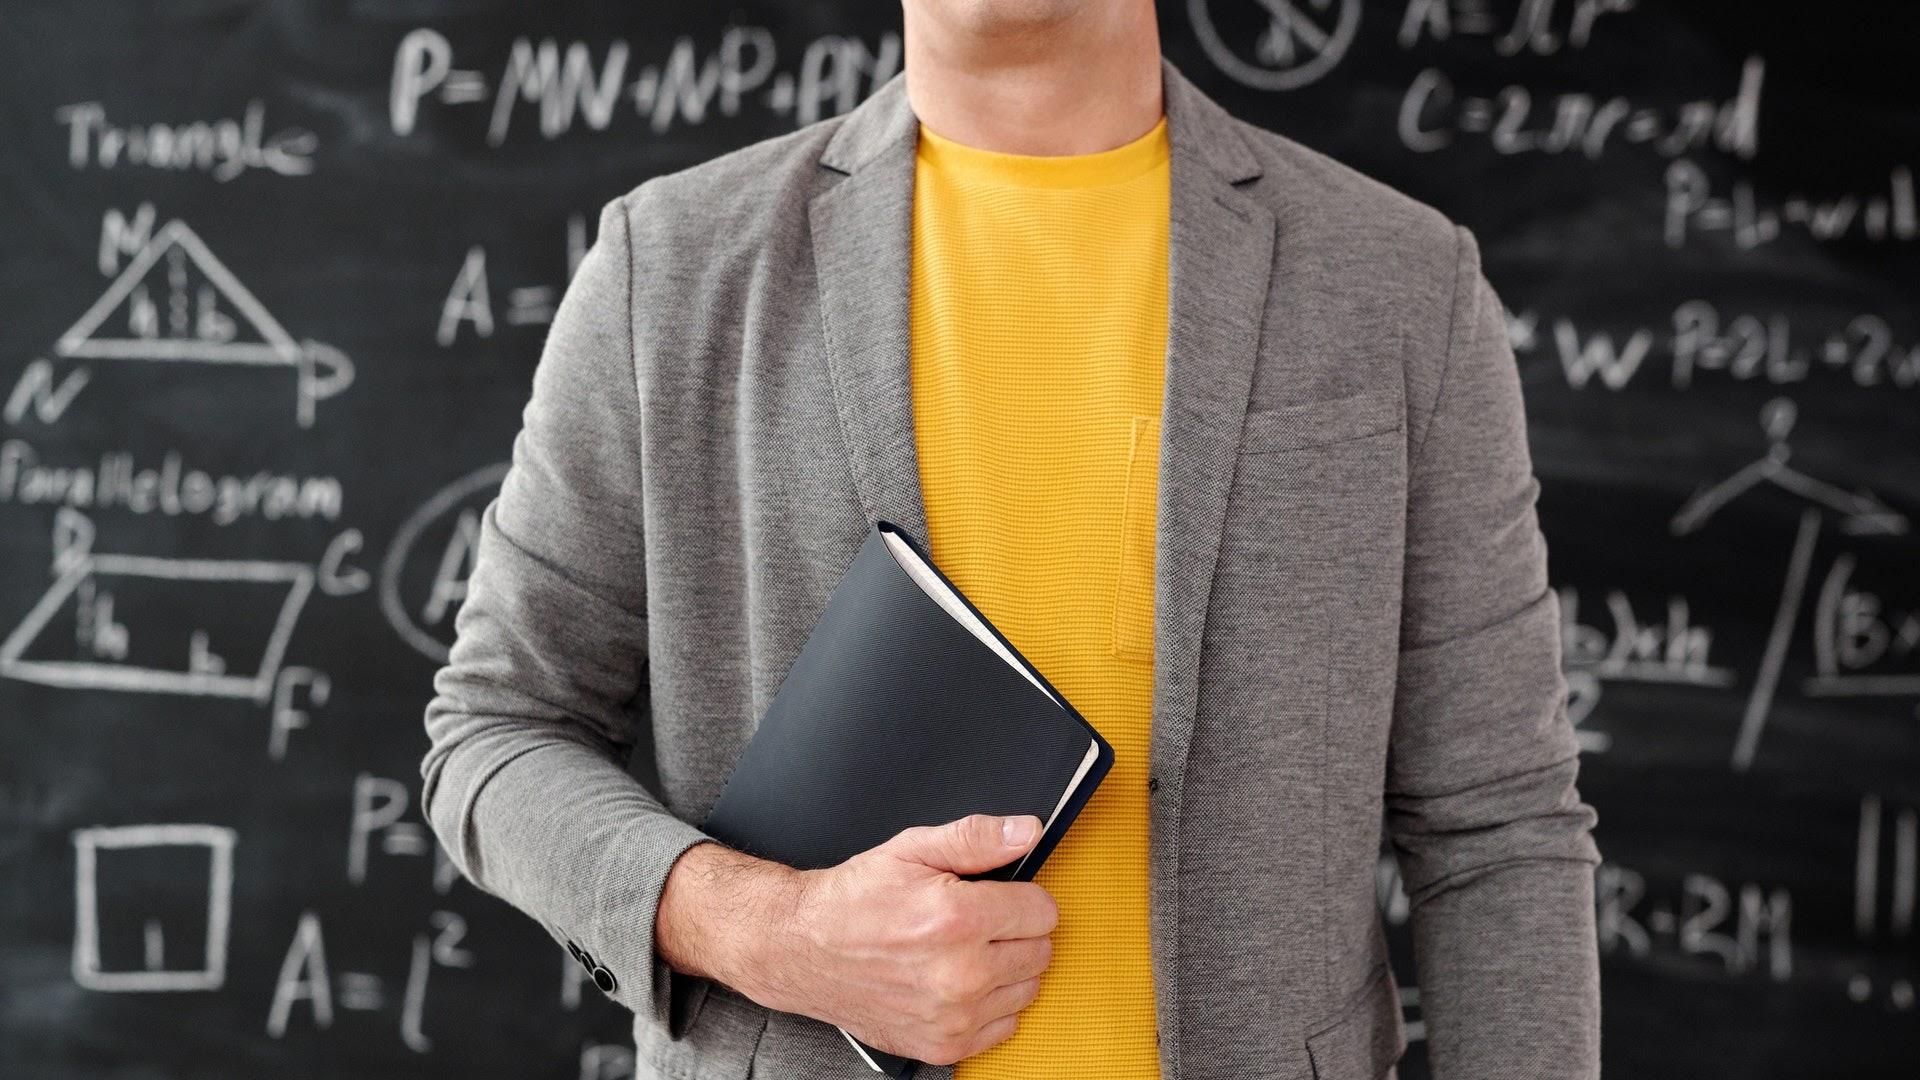 male geometry tutor